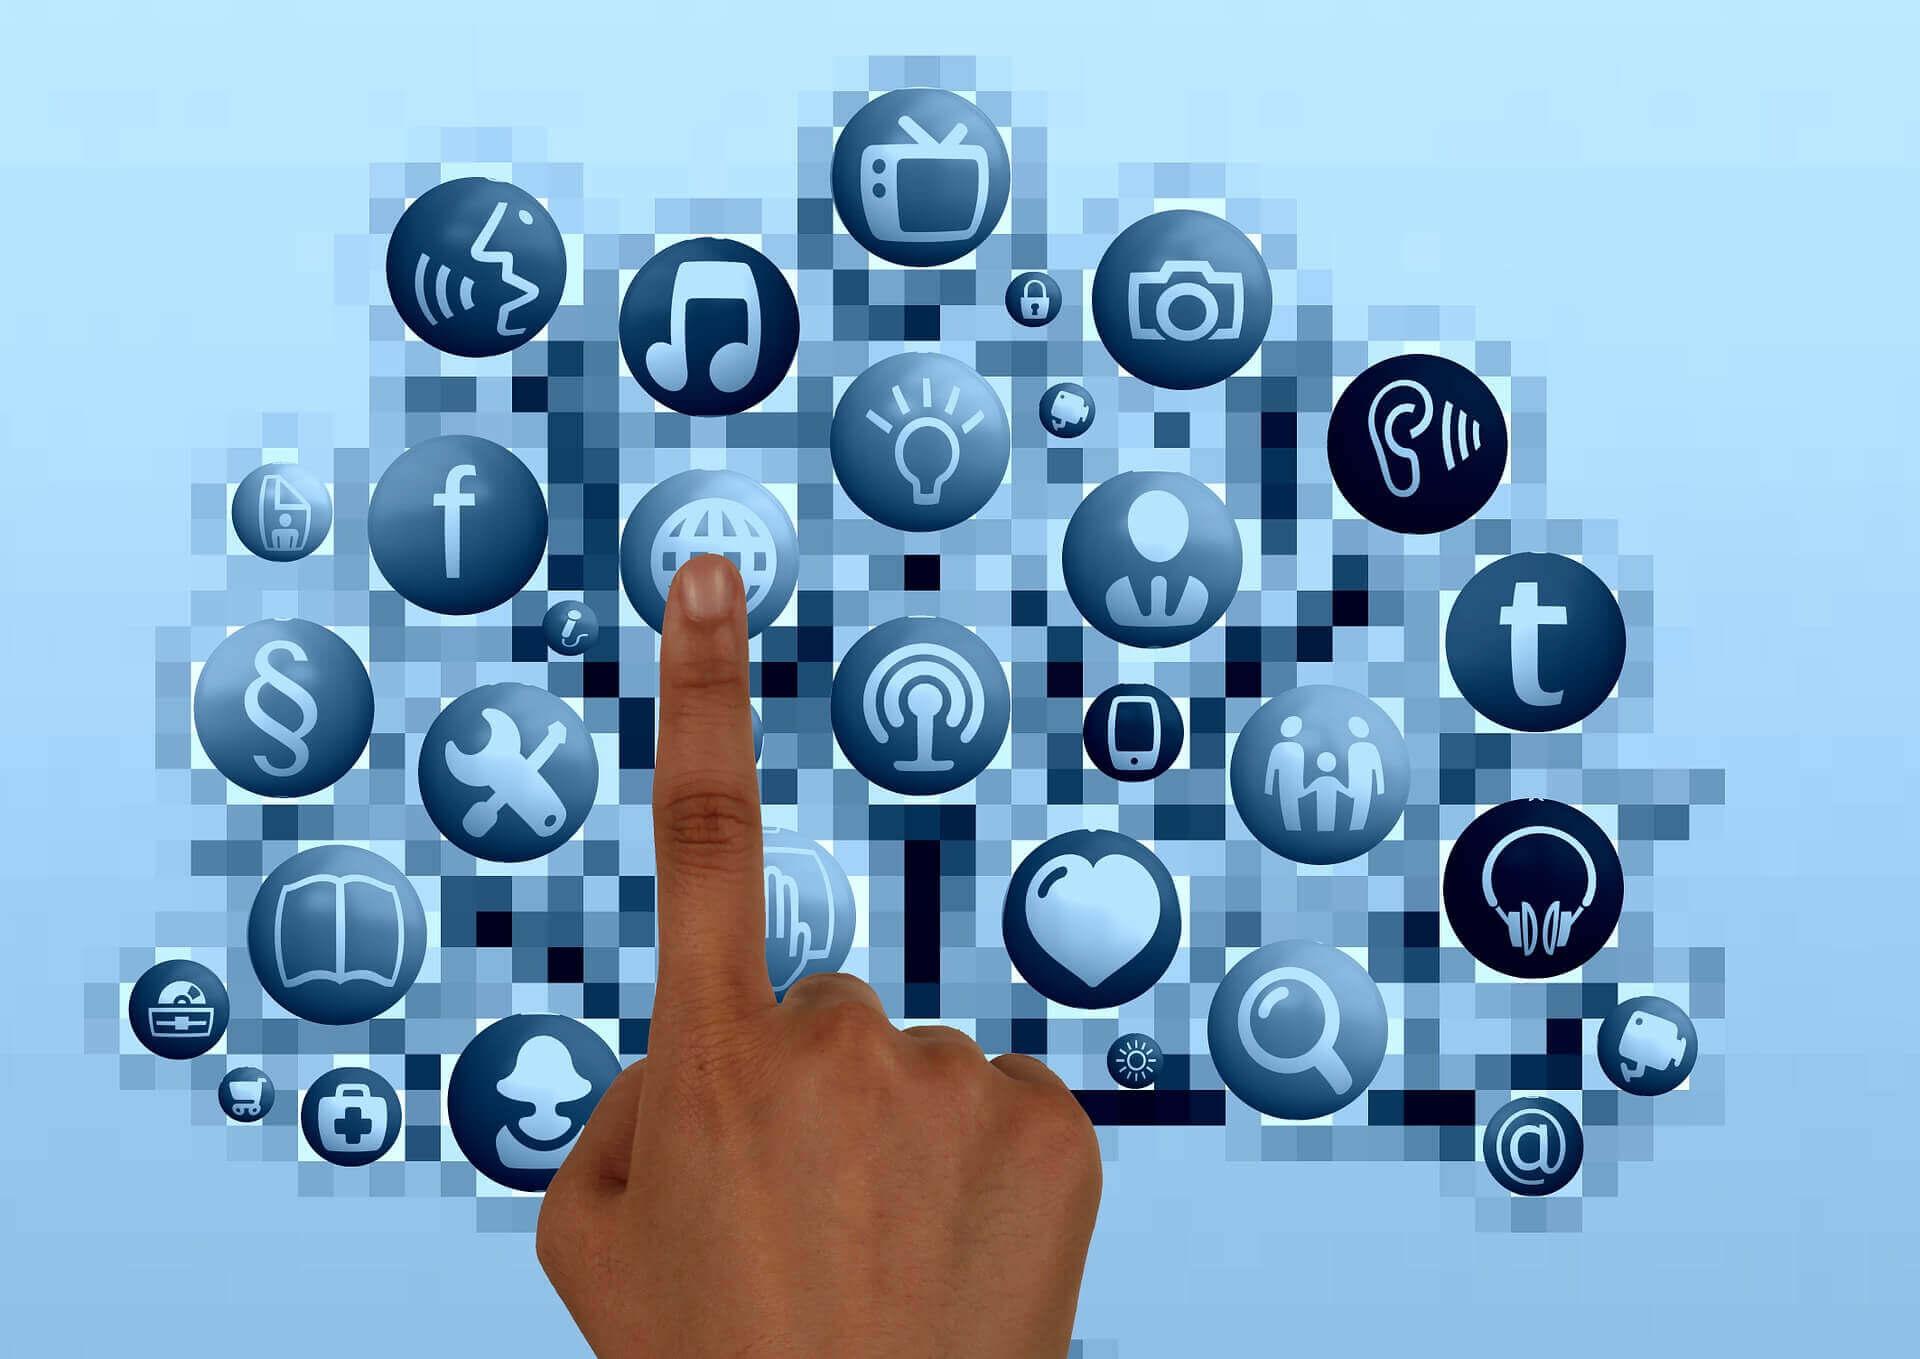 como crear mi marca personal en internet redessociales